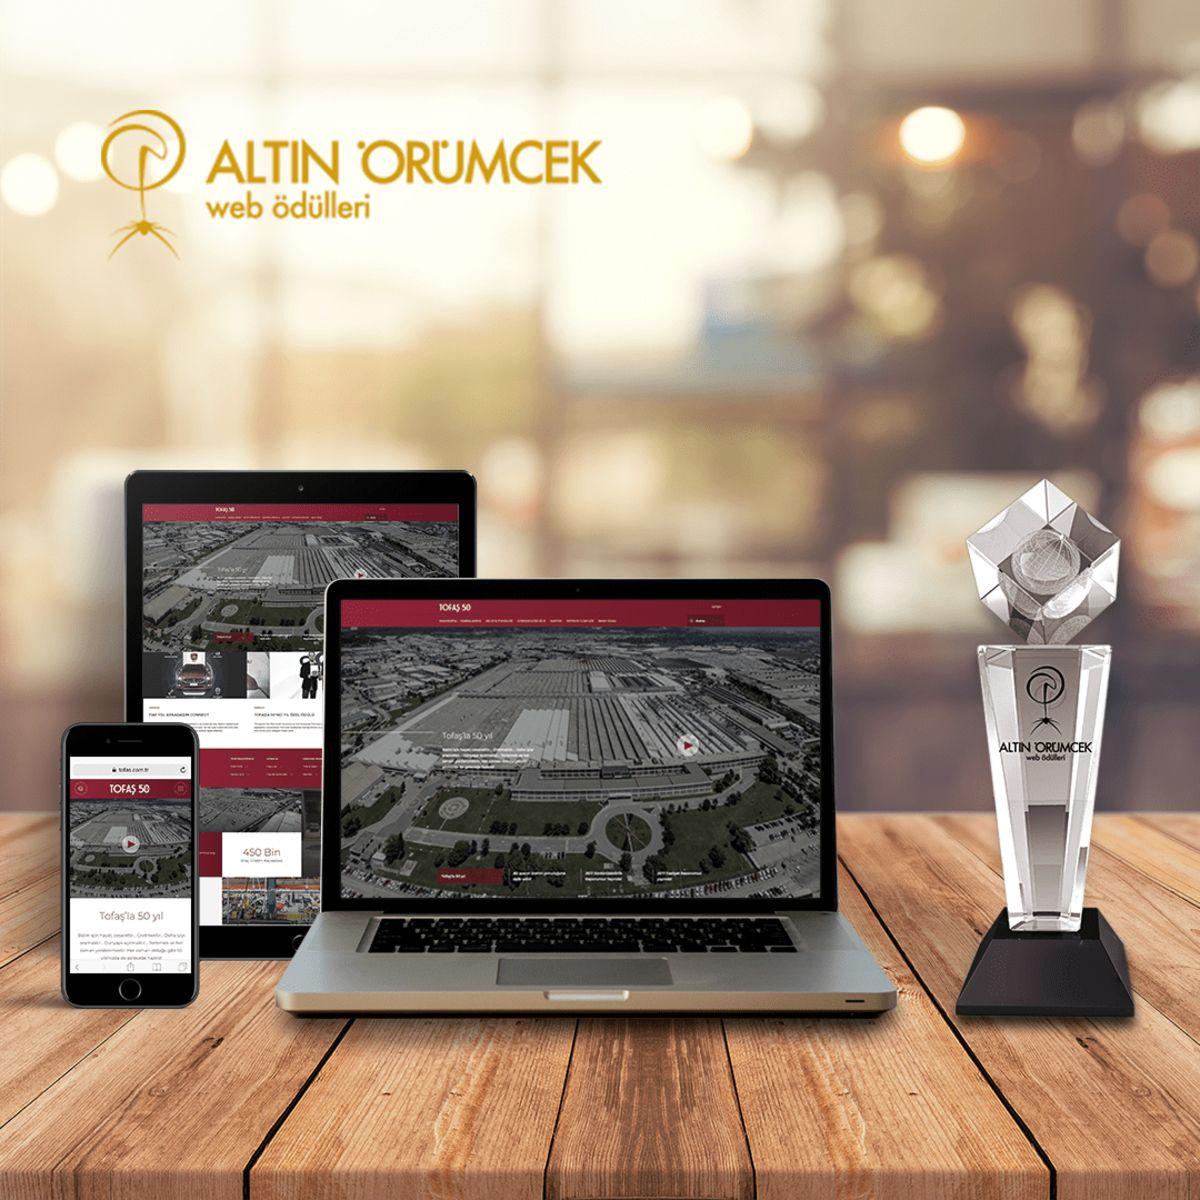 Tofaş'ın Web Sitesine Birincilik Ödülü!